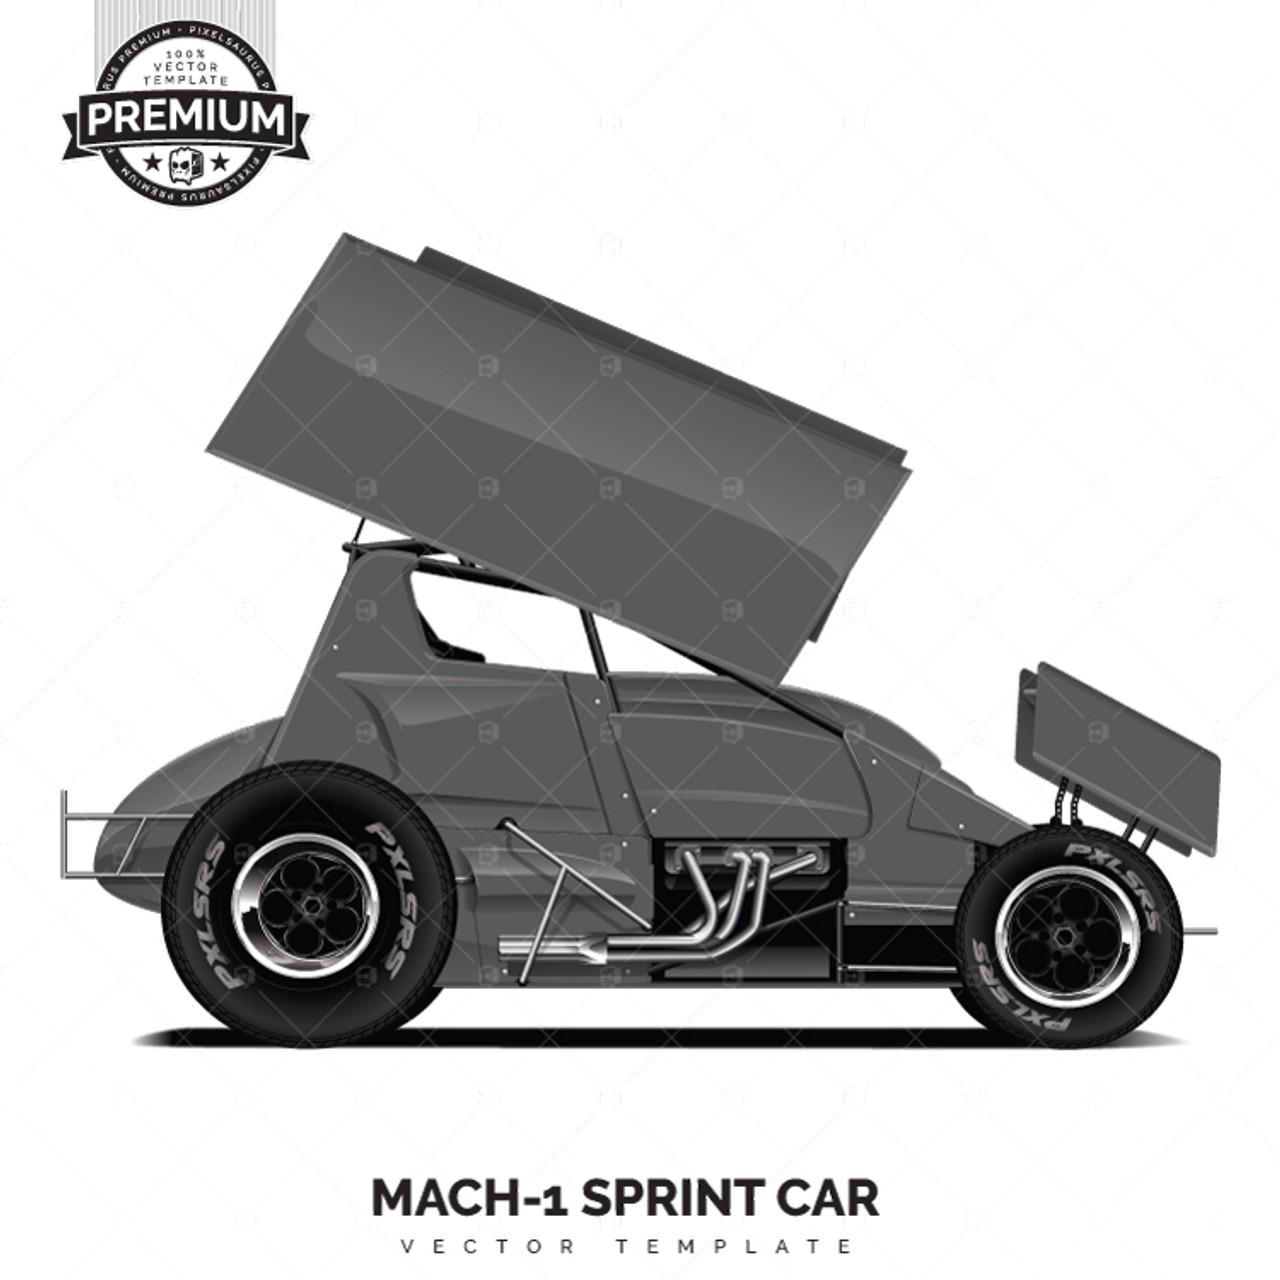 Mach-1 Sprintcar 'Premium' Vector Template L&R